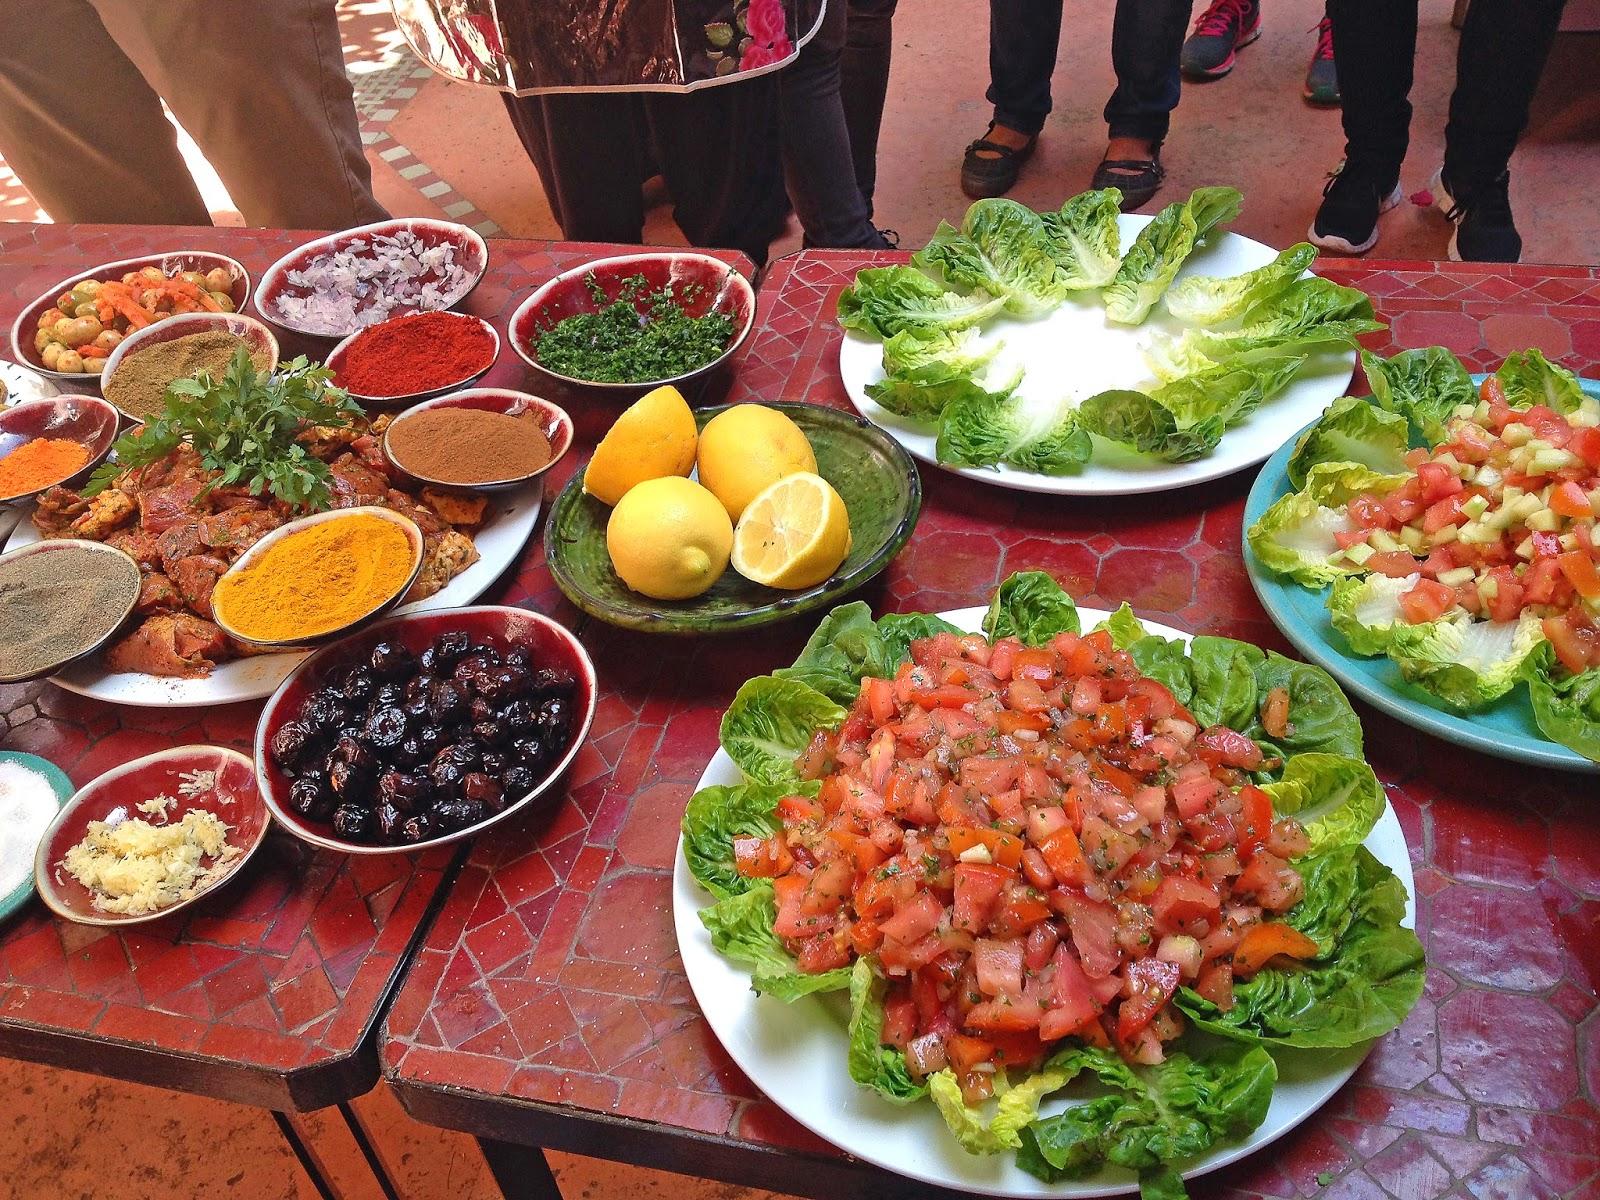 Du får rikelig med påfyll av bpde mat og kunnskap på et matkurs i Marrakesh